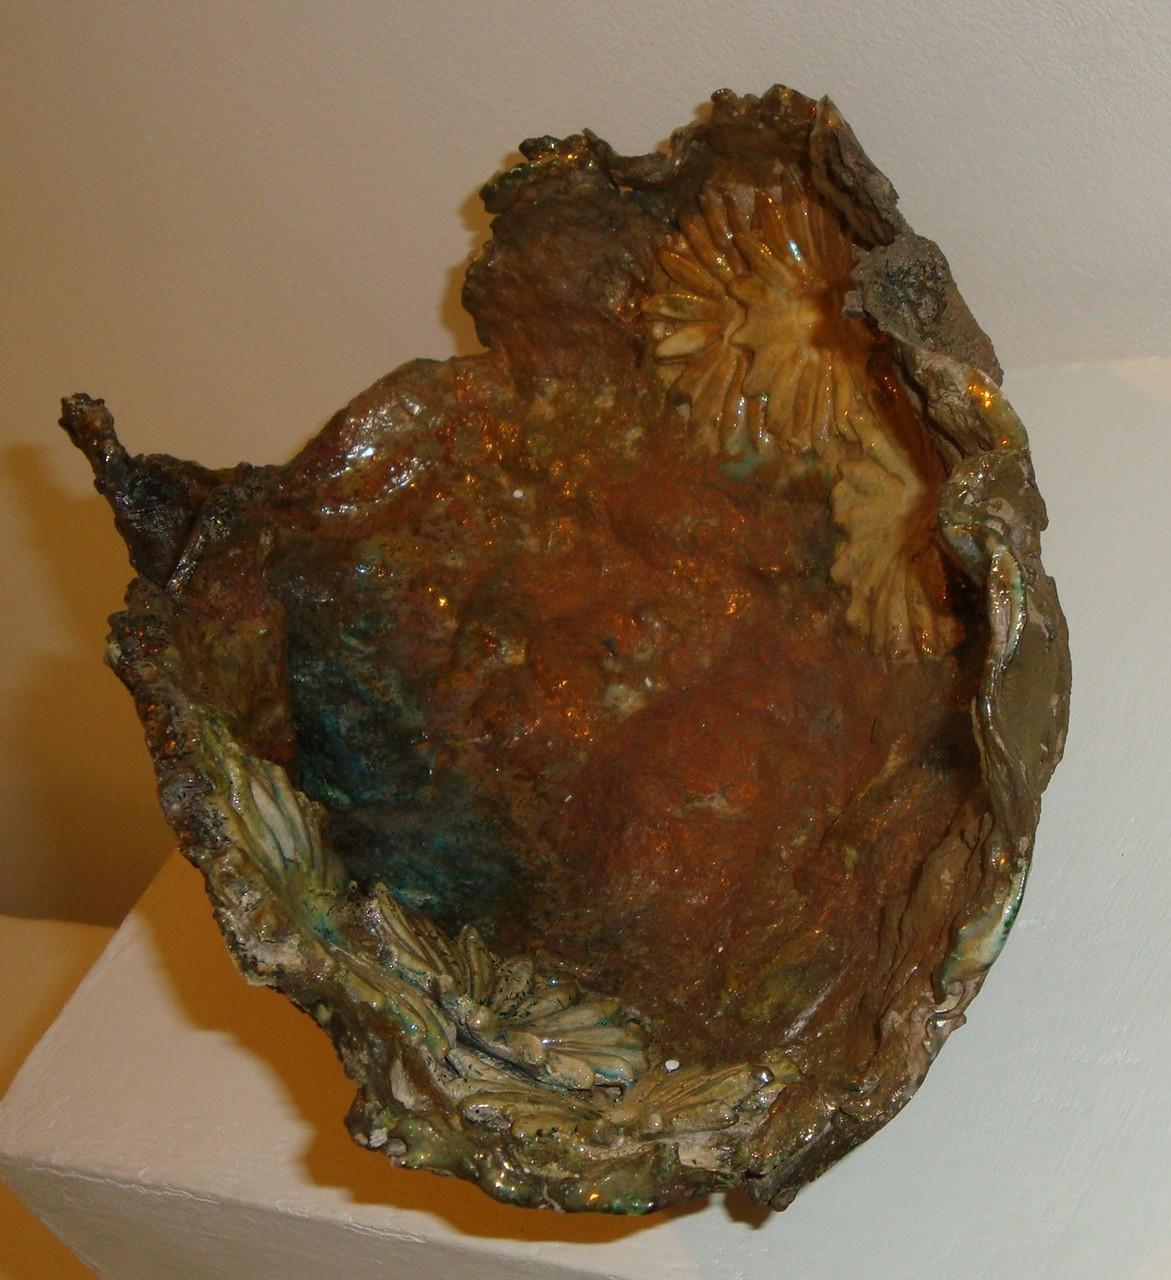 paper clay biscottata a 1200° e successivamente cotta con metodo raku a 1050°